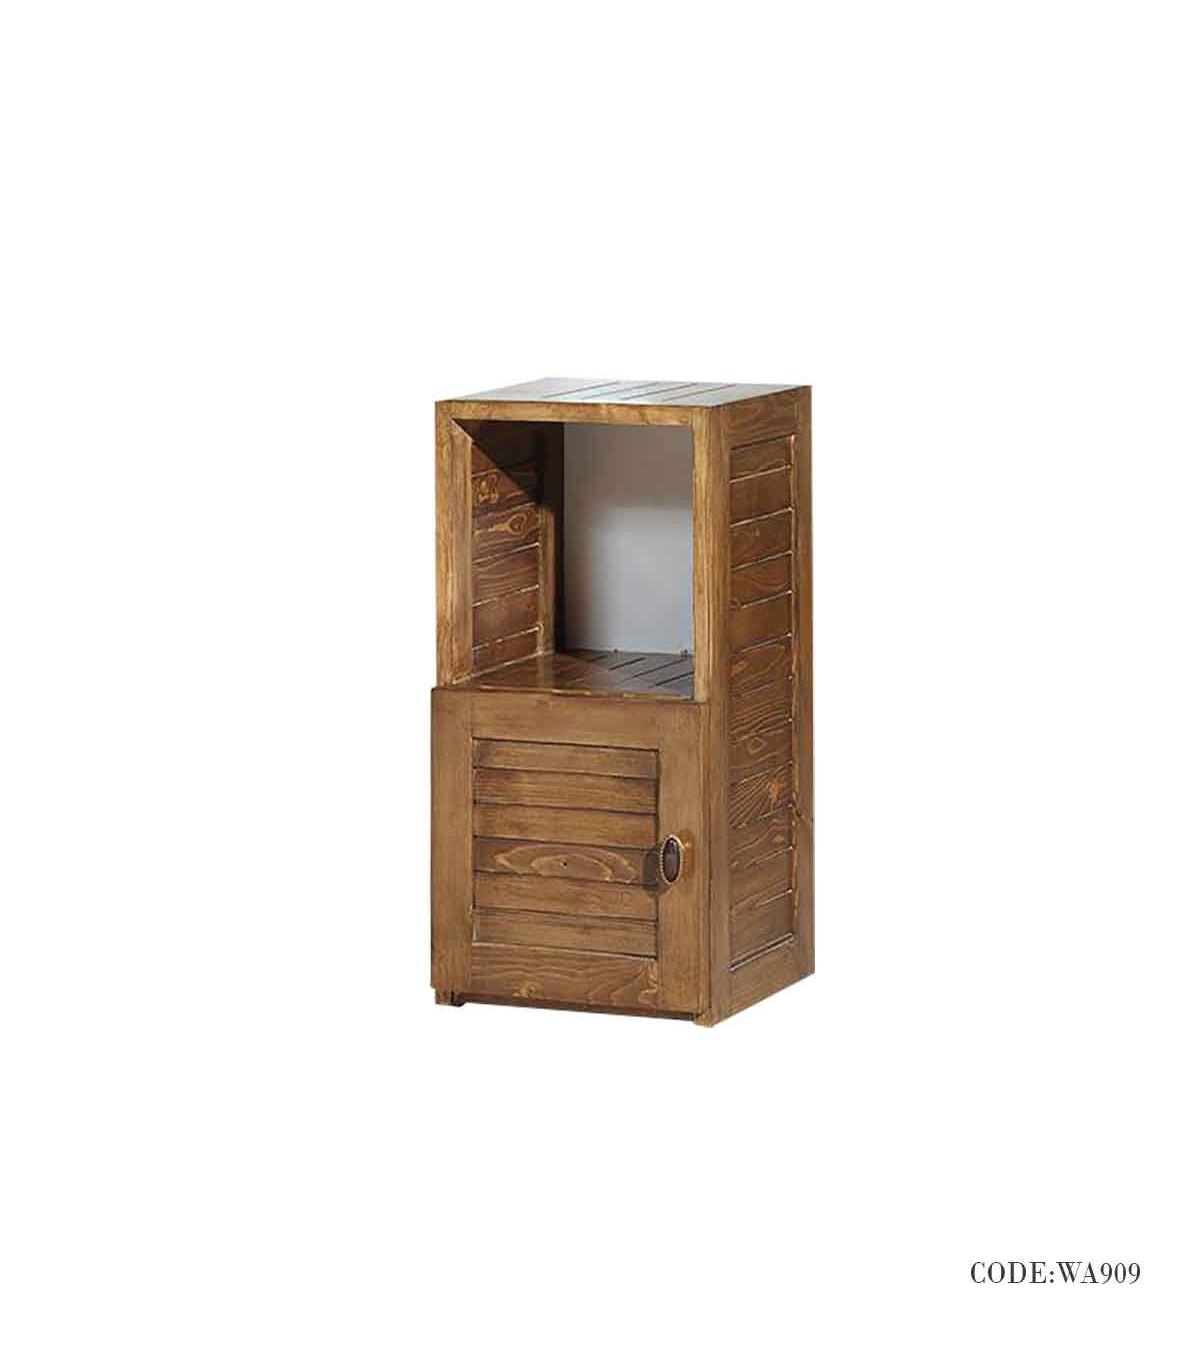 مدل کتابخانه خانگی کوچک رکسان